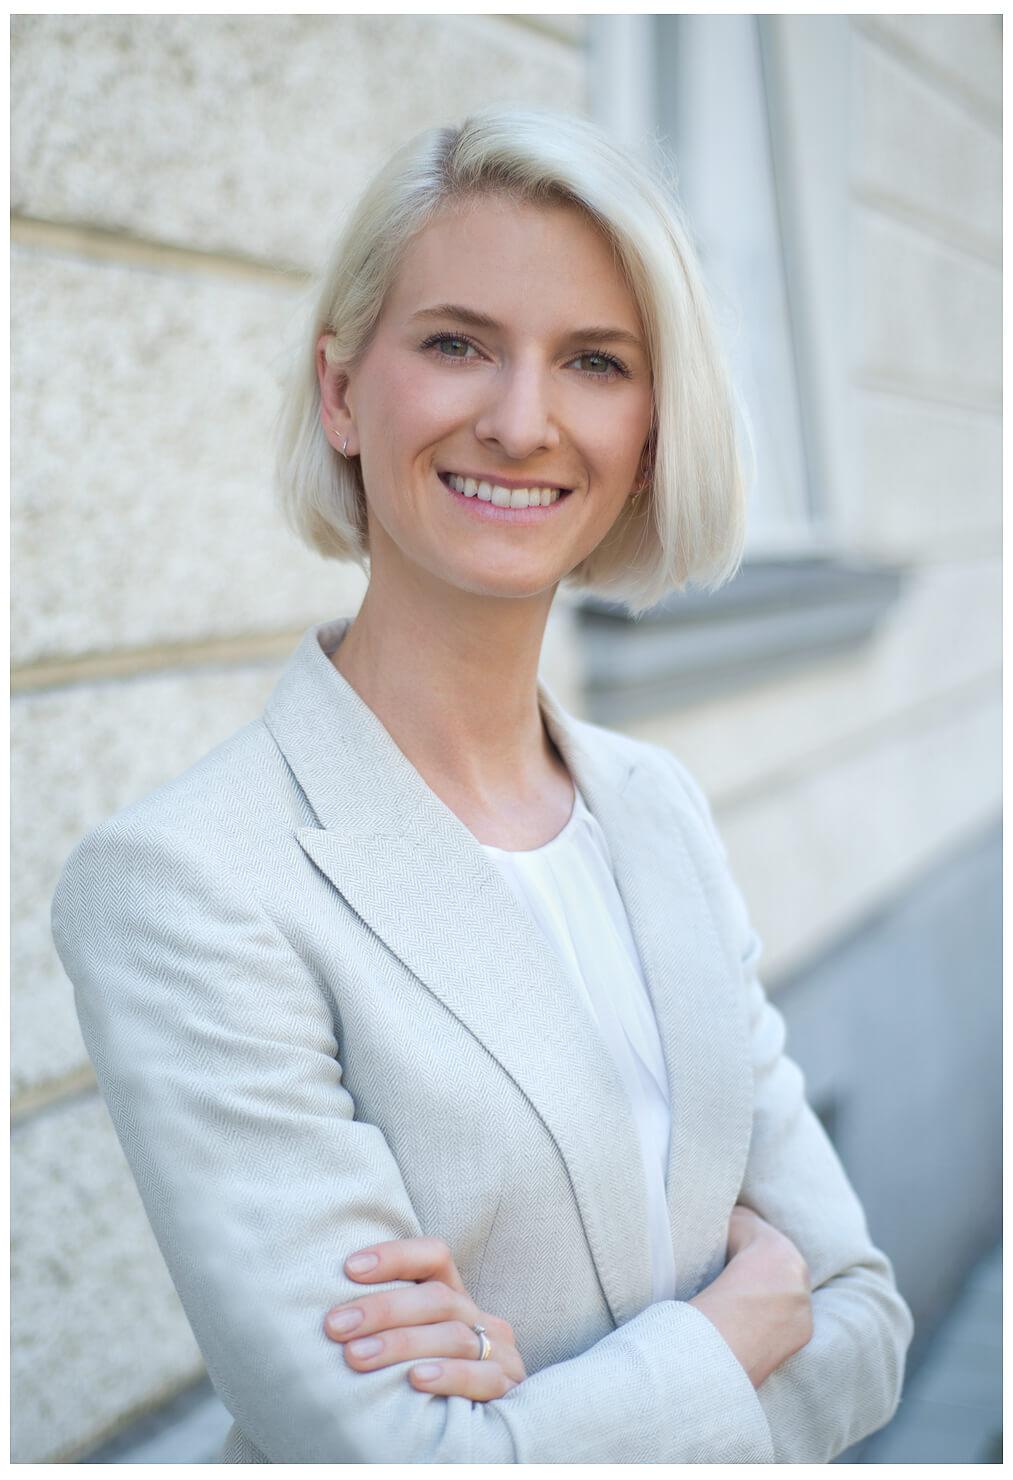 Bewerbungsfotos München blonde junge Frau im Hintergrund verschwommen